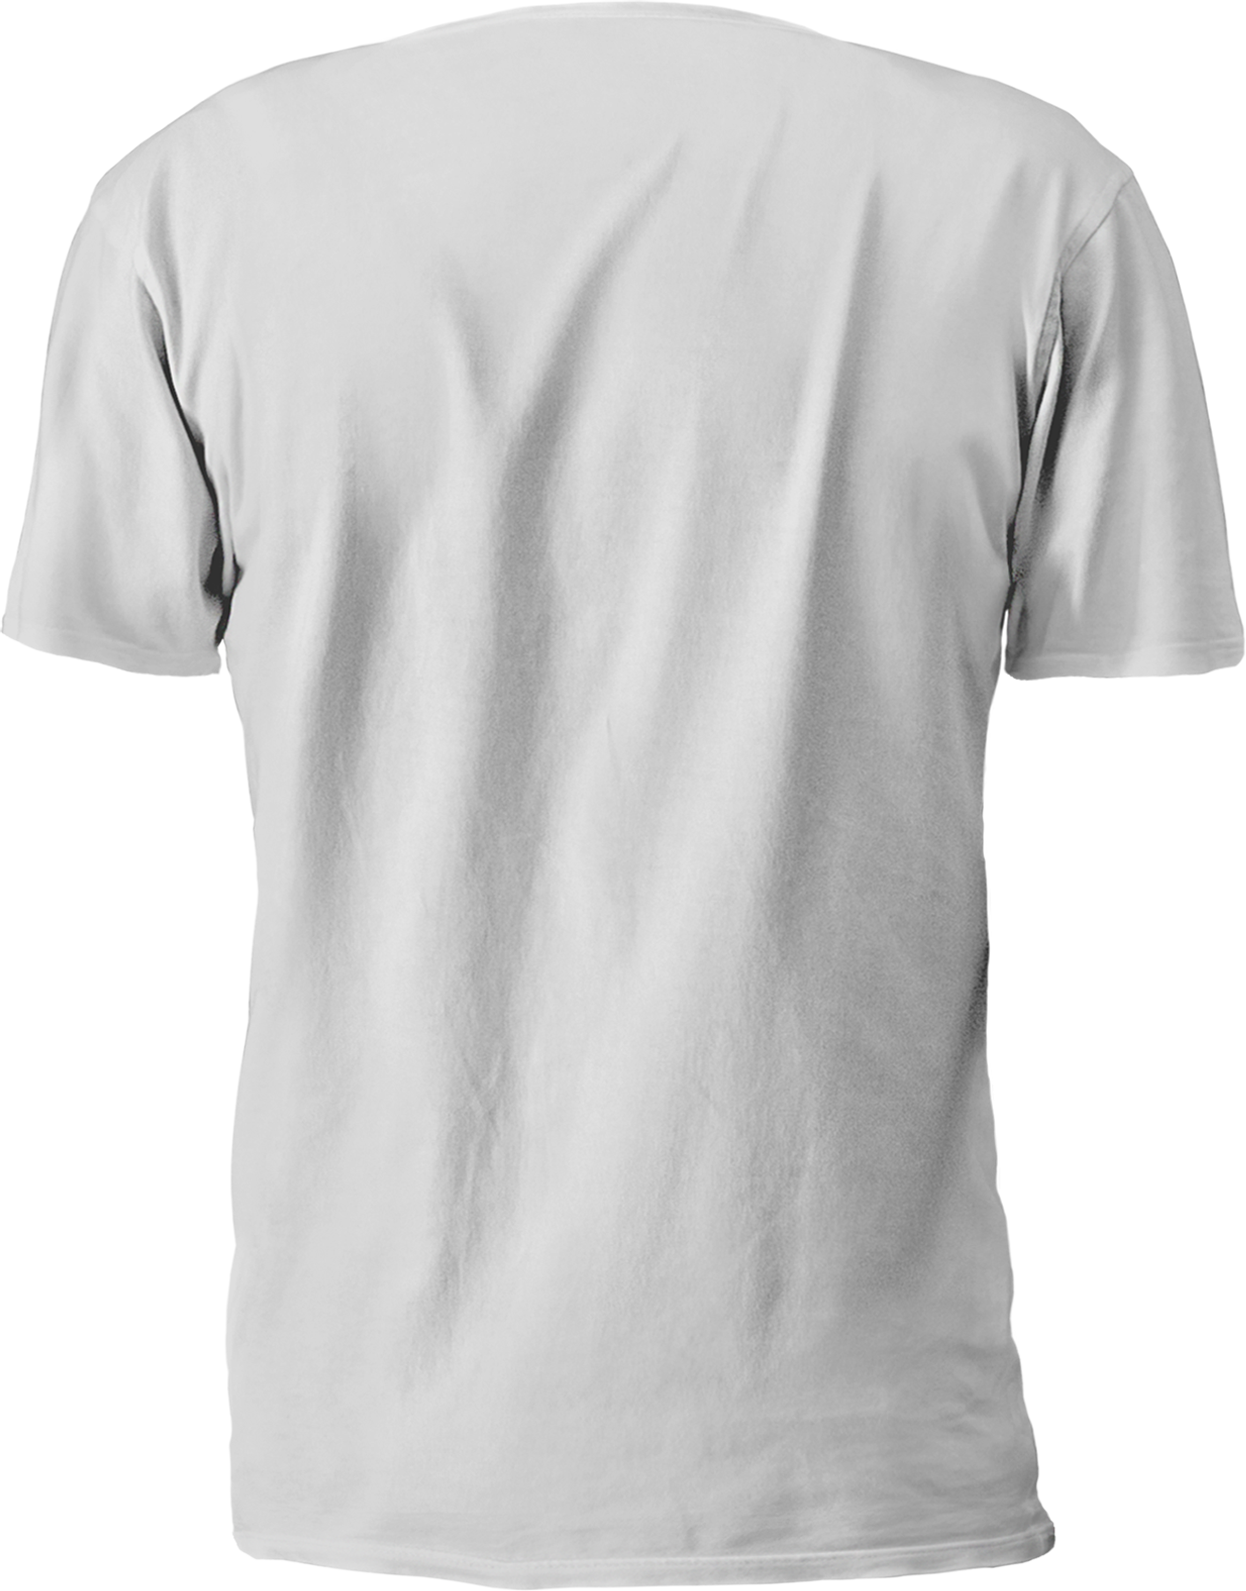 T shirt with flex print tshirt printing for Photo to t shirt printing